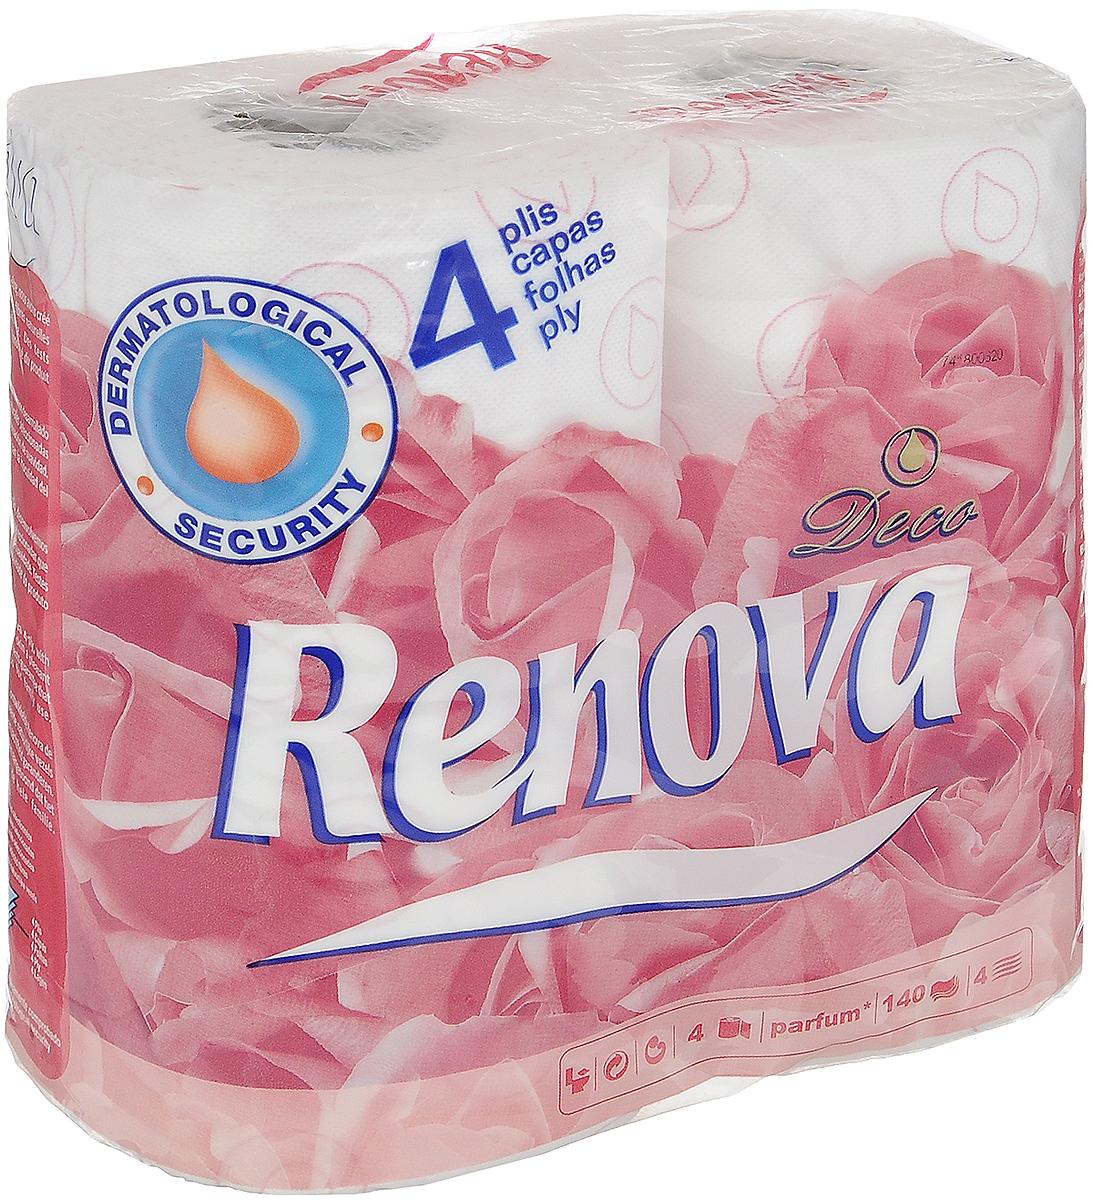 Туалетная бумага Renova Deco, четырехслойная, ароматизированная, цвет: белый, 4 рулона5601028013192_новинка, 4 рулонаТуалетная бумага Renova Deco изготовлена по новейшей технологии из 100% ароматизированной целлюлозы, благодаря чему она имеет тонкий аромат, очень мягкая, нежная, но в тоже время прочная. Туалетная бумага Renova Deco объединяет удовольствие чувств и комфорт совершенной гигиены. Состав: 100% ароматизированная целлюлоза. Количество слоев: 4.Количество рулонов: 4 шт.Португальская компания Renova является ведущим разработчиком новейших технологий производства, нового стиля и направления на рынке гигиенической продукции. Современный дизайн и высочайшее качество, дерматологический контроль - это то, что выделяет компанию Renova среди других производителей бумажной санитарно-гигиенической продукции.